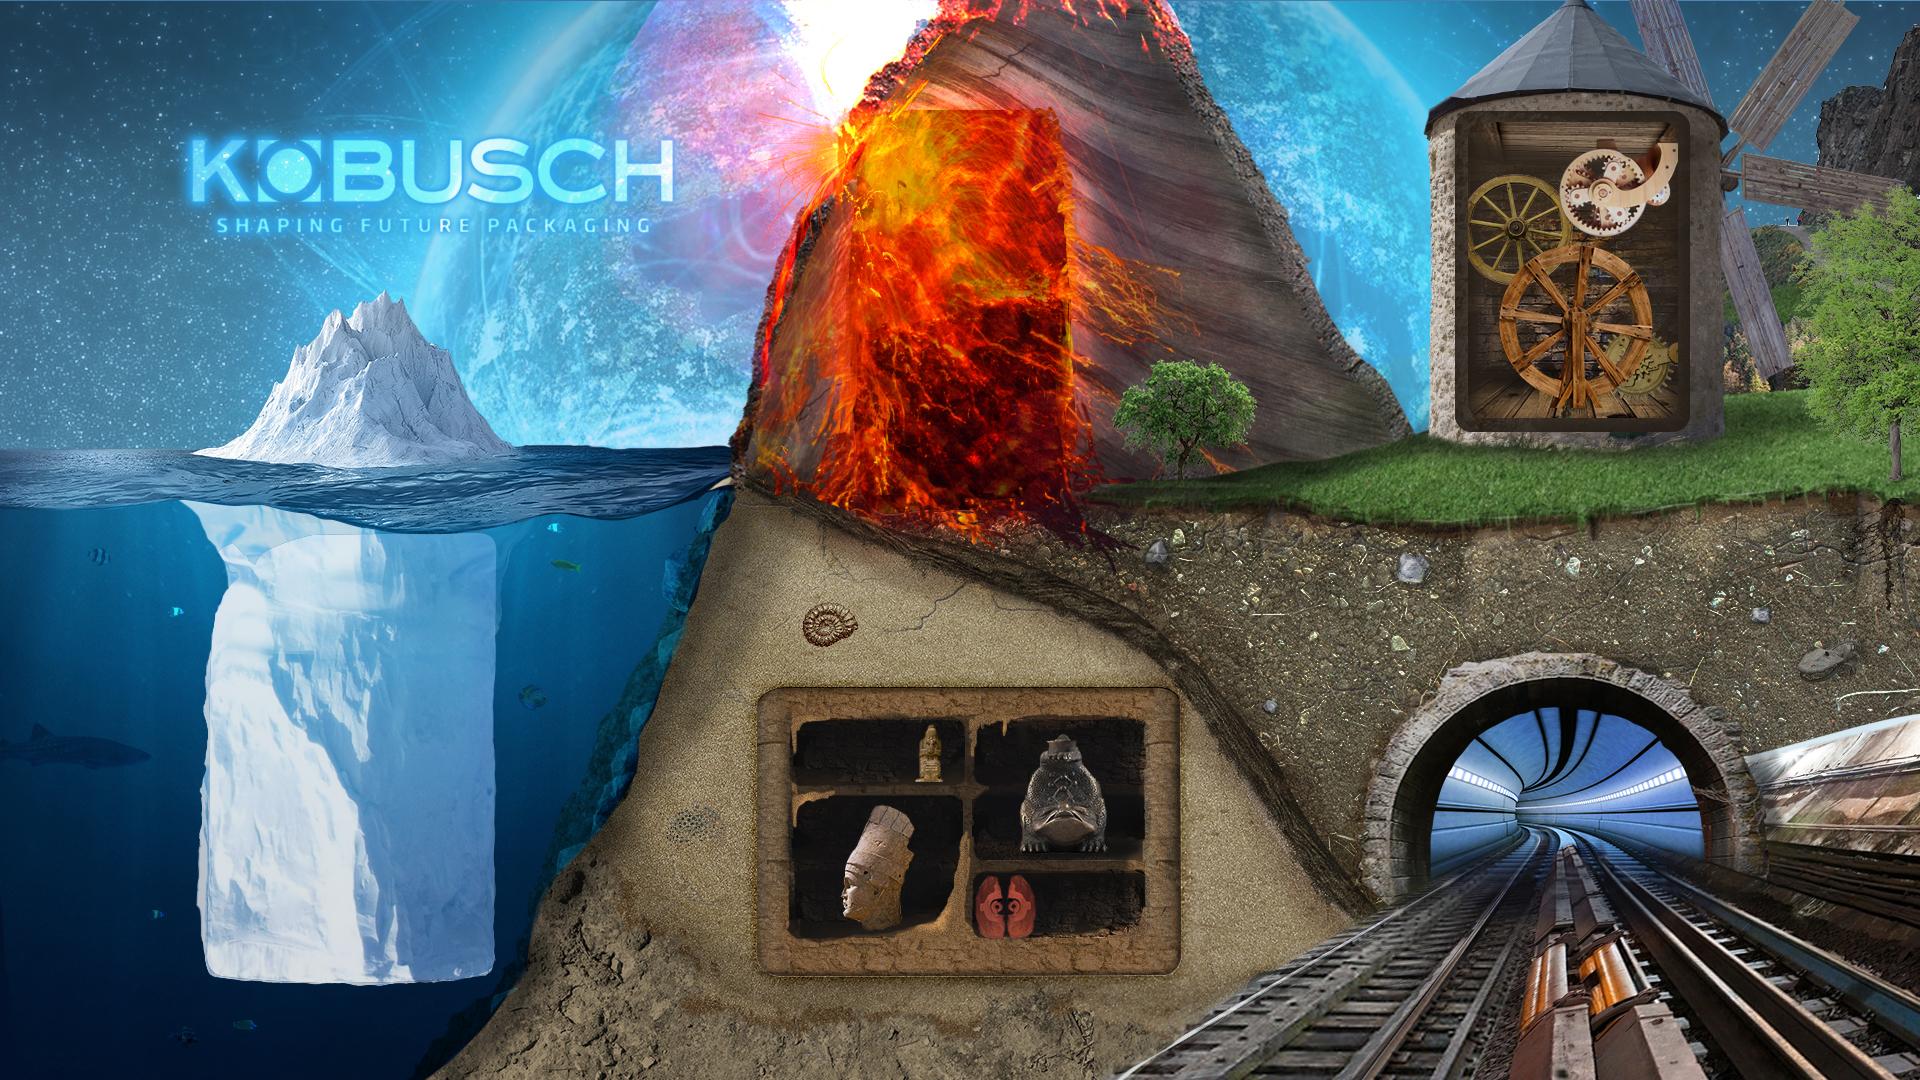 פרויקט לחברת קובוש הגרמנית